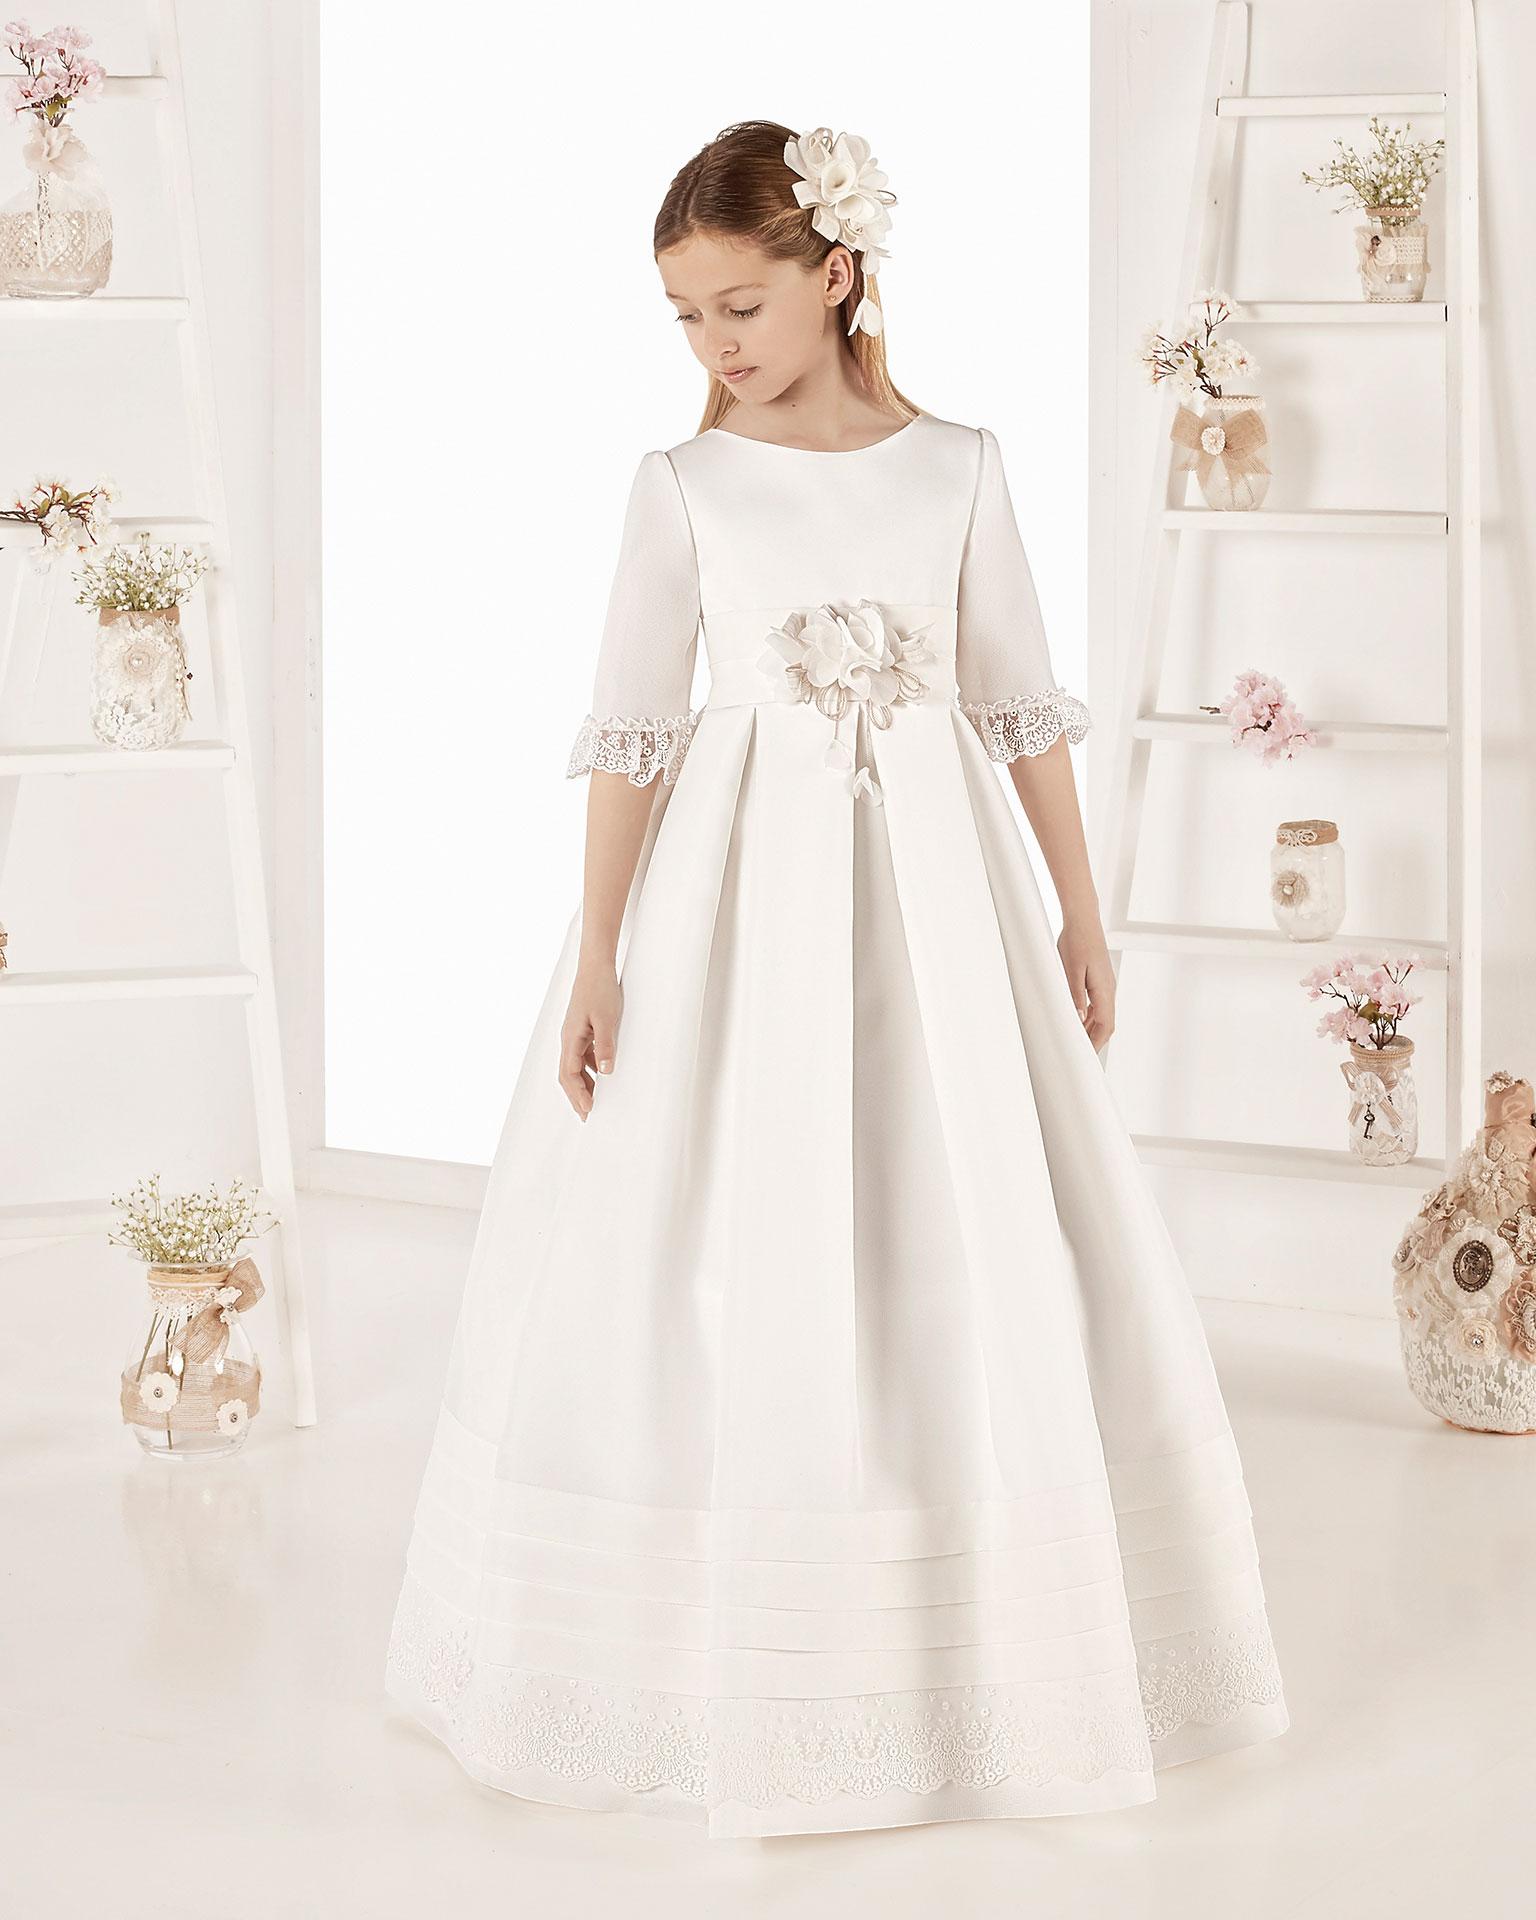 Vestido de comunión estilo clásico con lorzas en esterilla. Con talle corto. Disponible en color marfil. Colección AIRE COMUNION 2019.